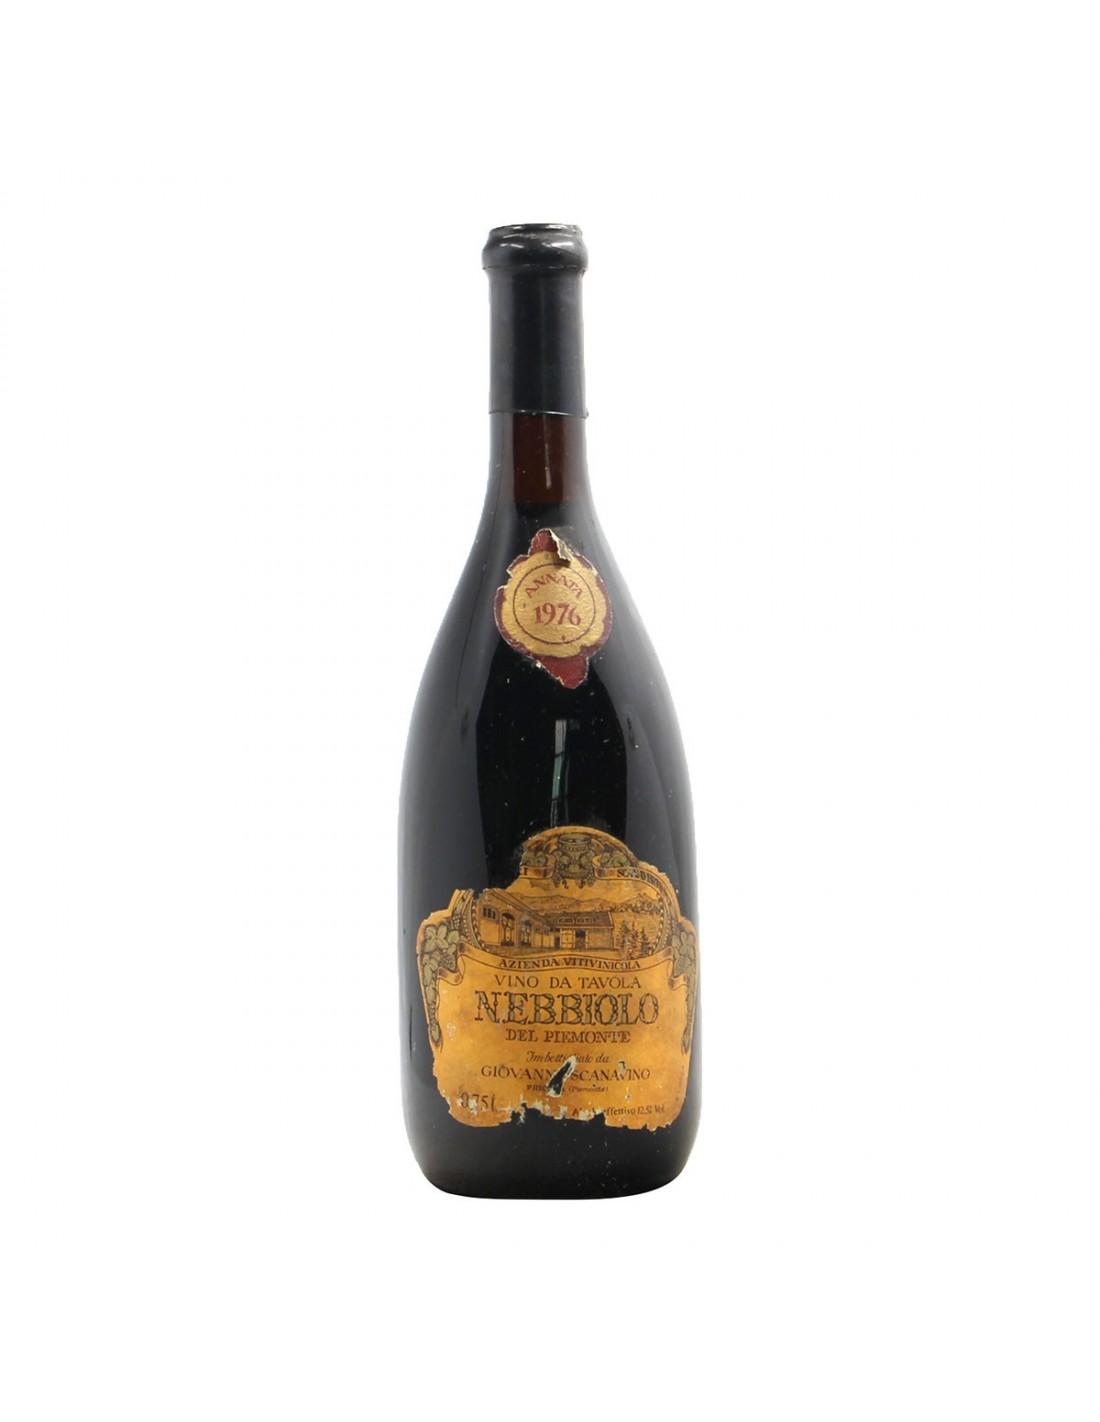 NEBBIOLO DEL PIEMONTE 1976 SCANAVINO Grandi Bottiglie